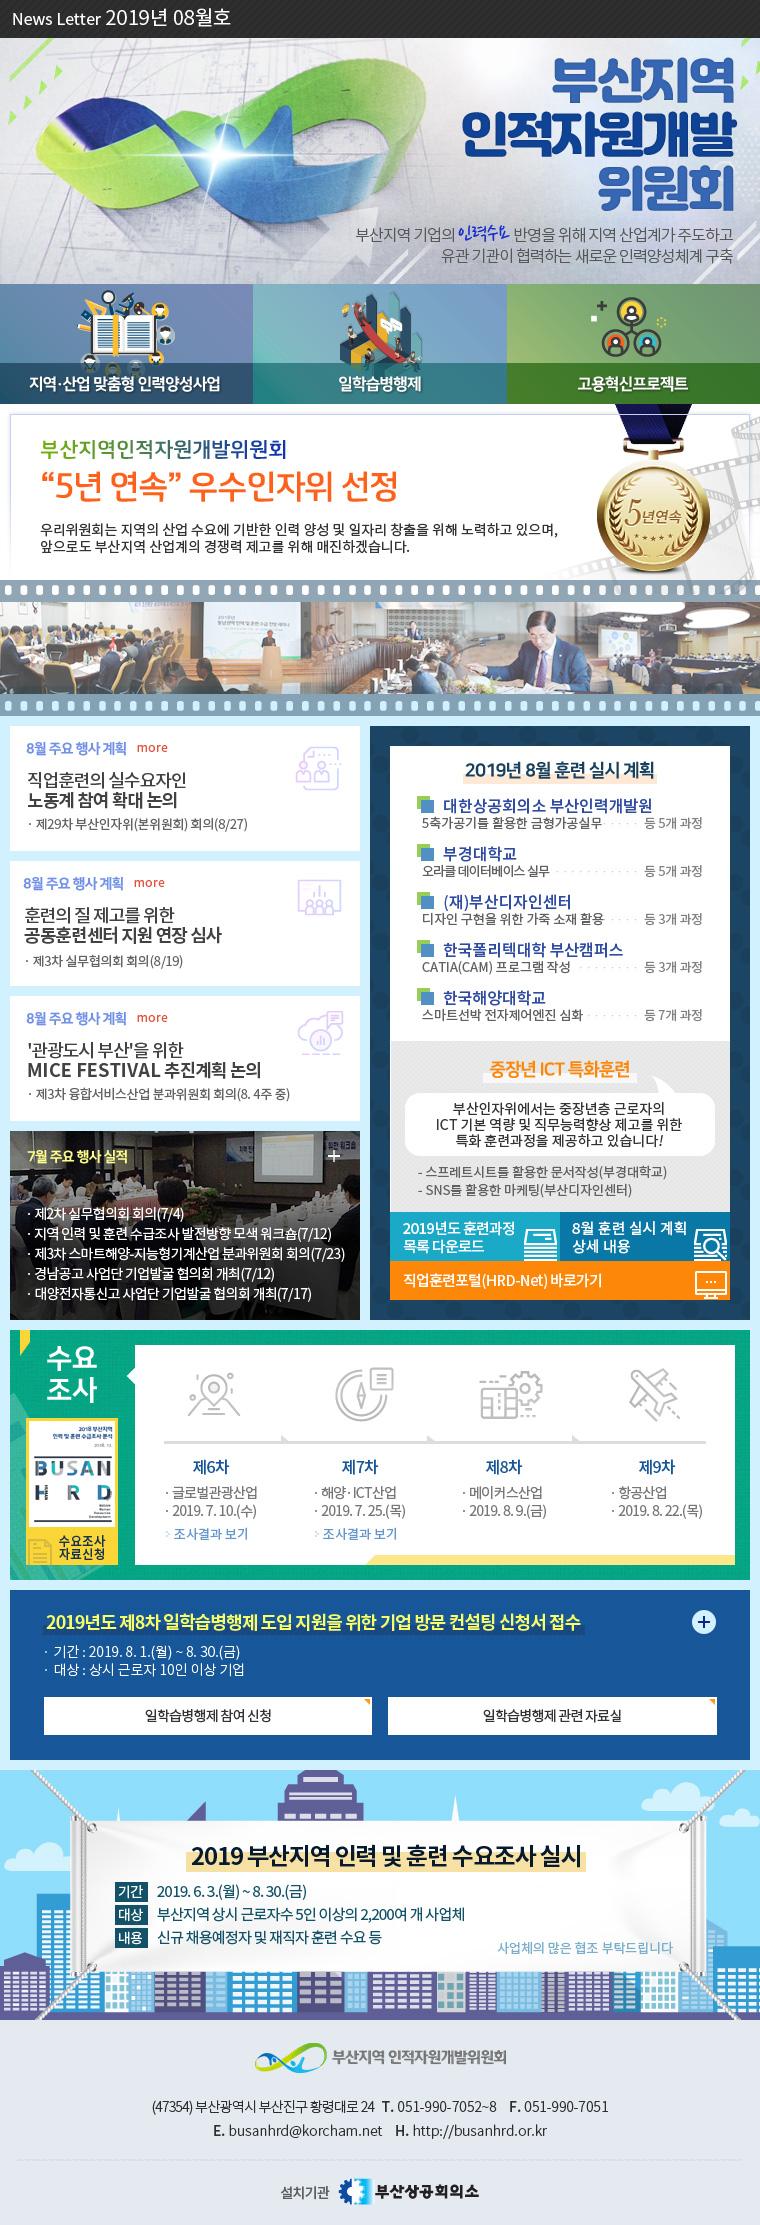 뉴스레터 2019년 08월호